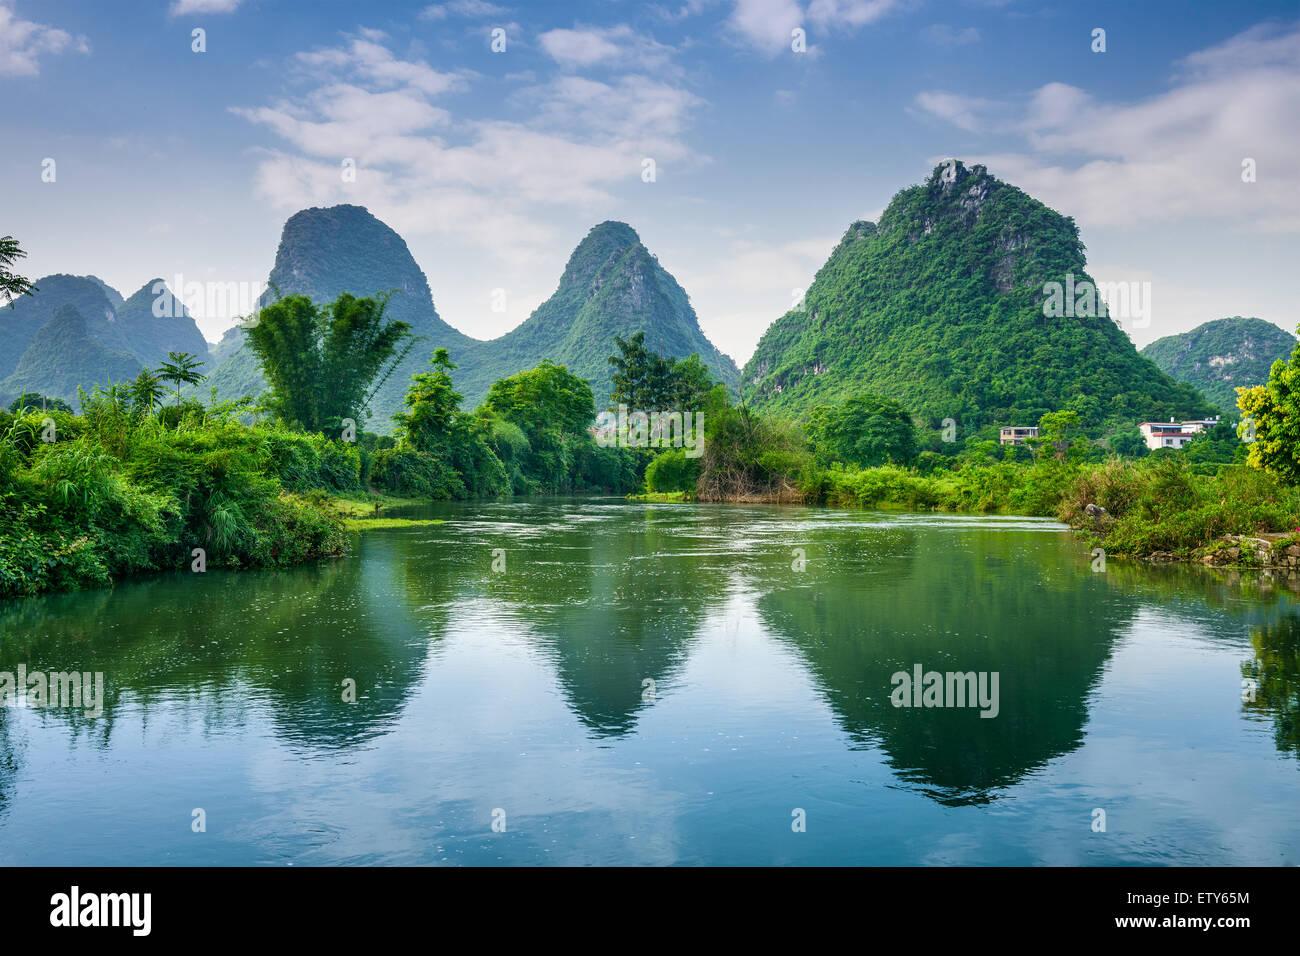 Yangshuo, China Karst Mountain landscape. - Stock Image